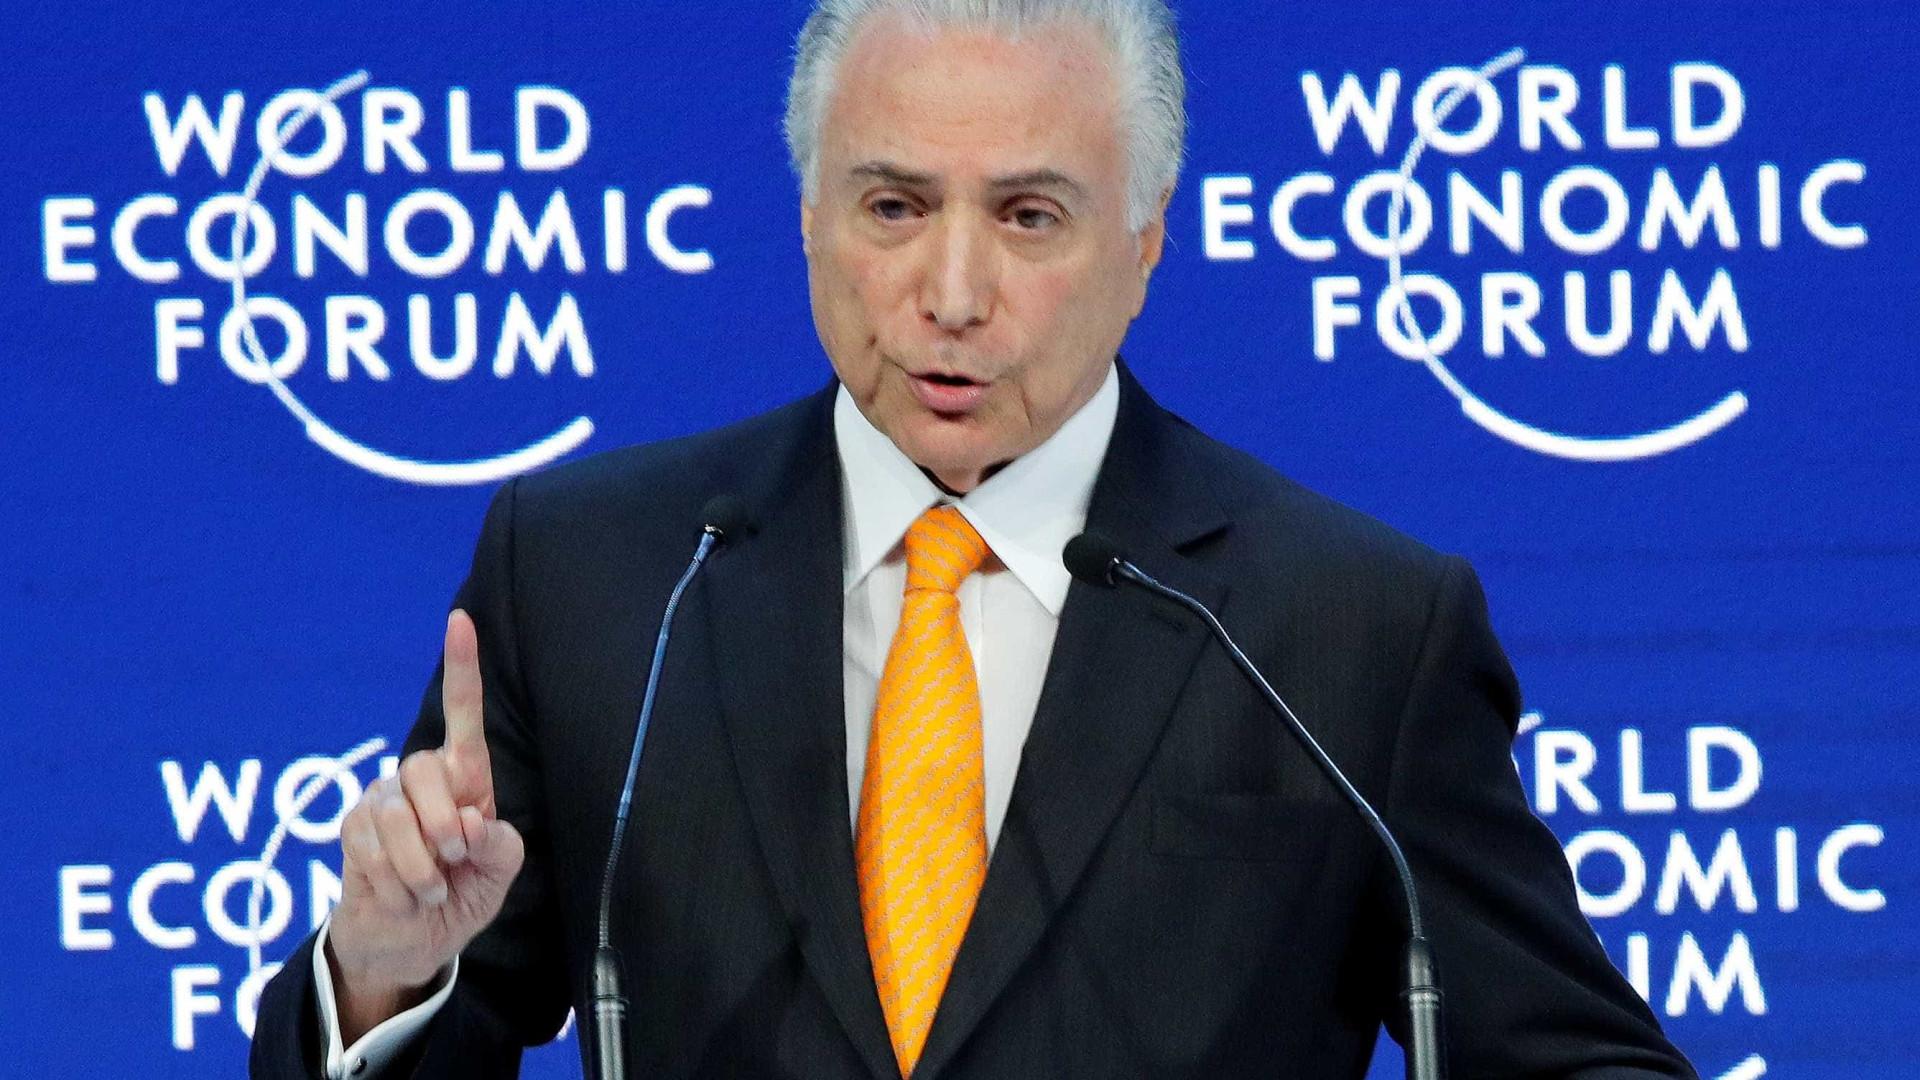 Debate sobre corrupção em campanha eleitoral é normal, diz Temer em Davos